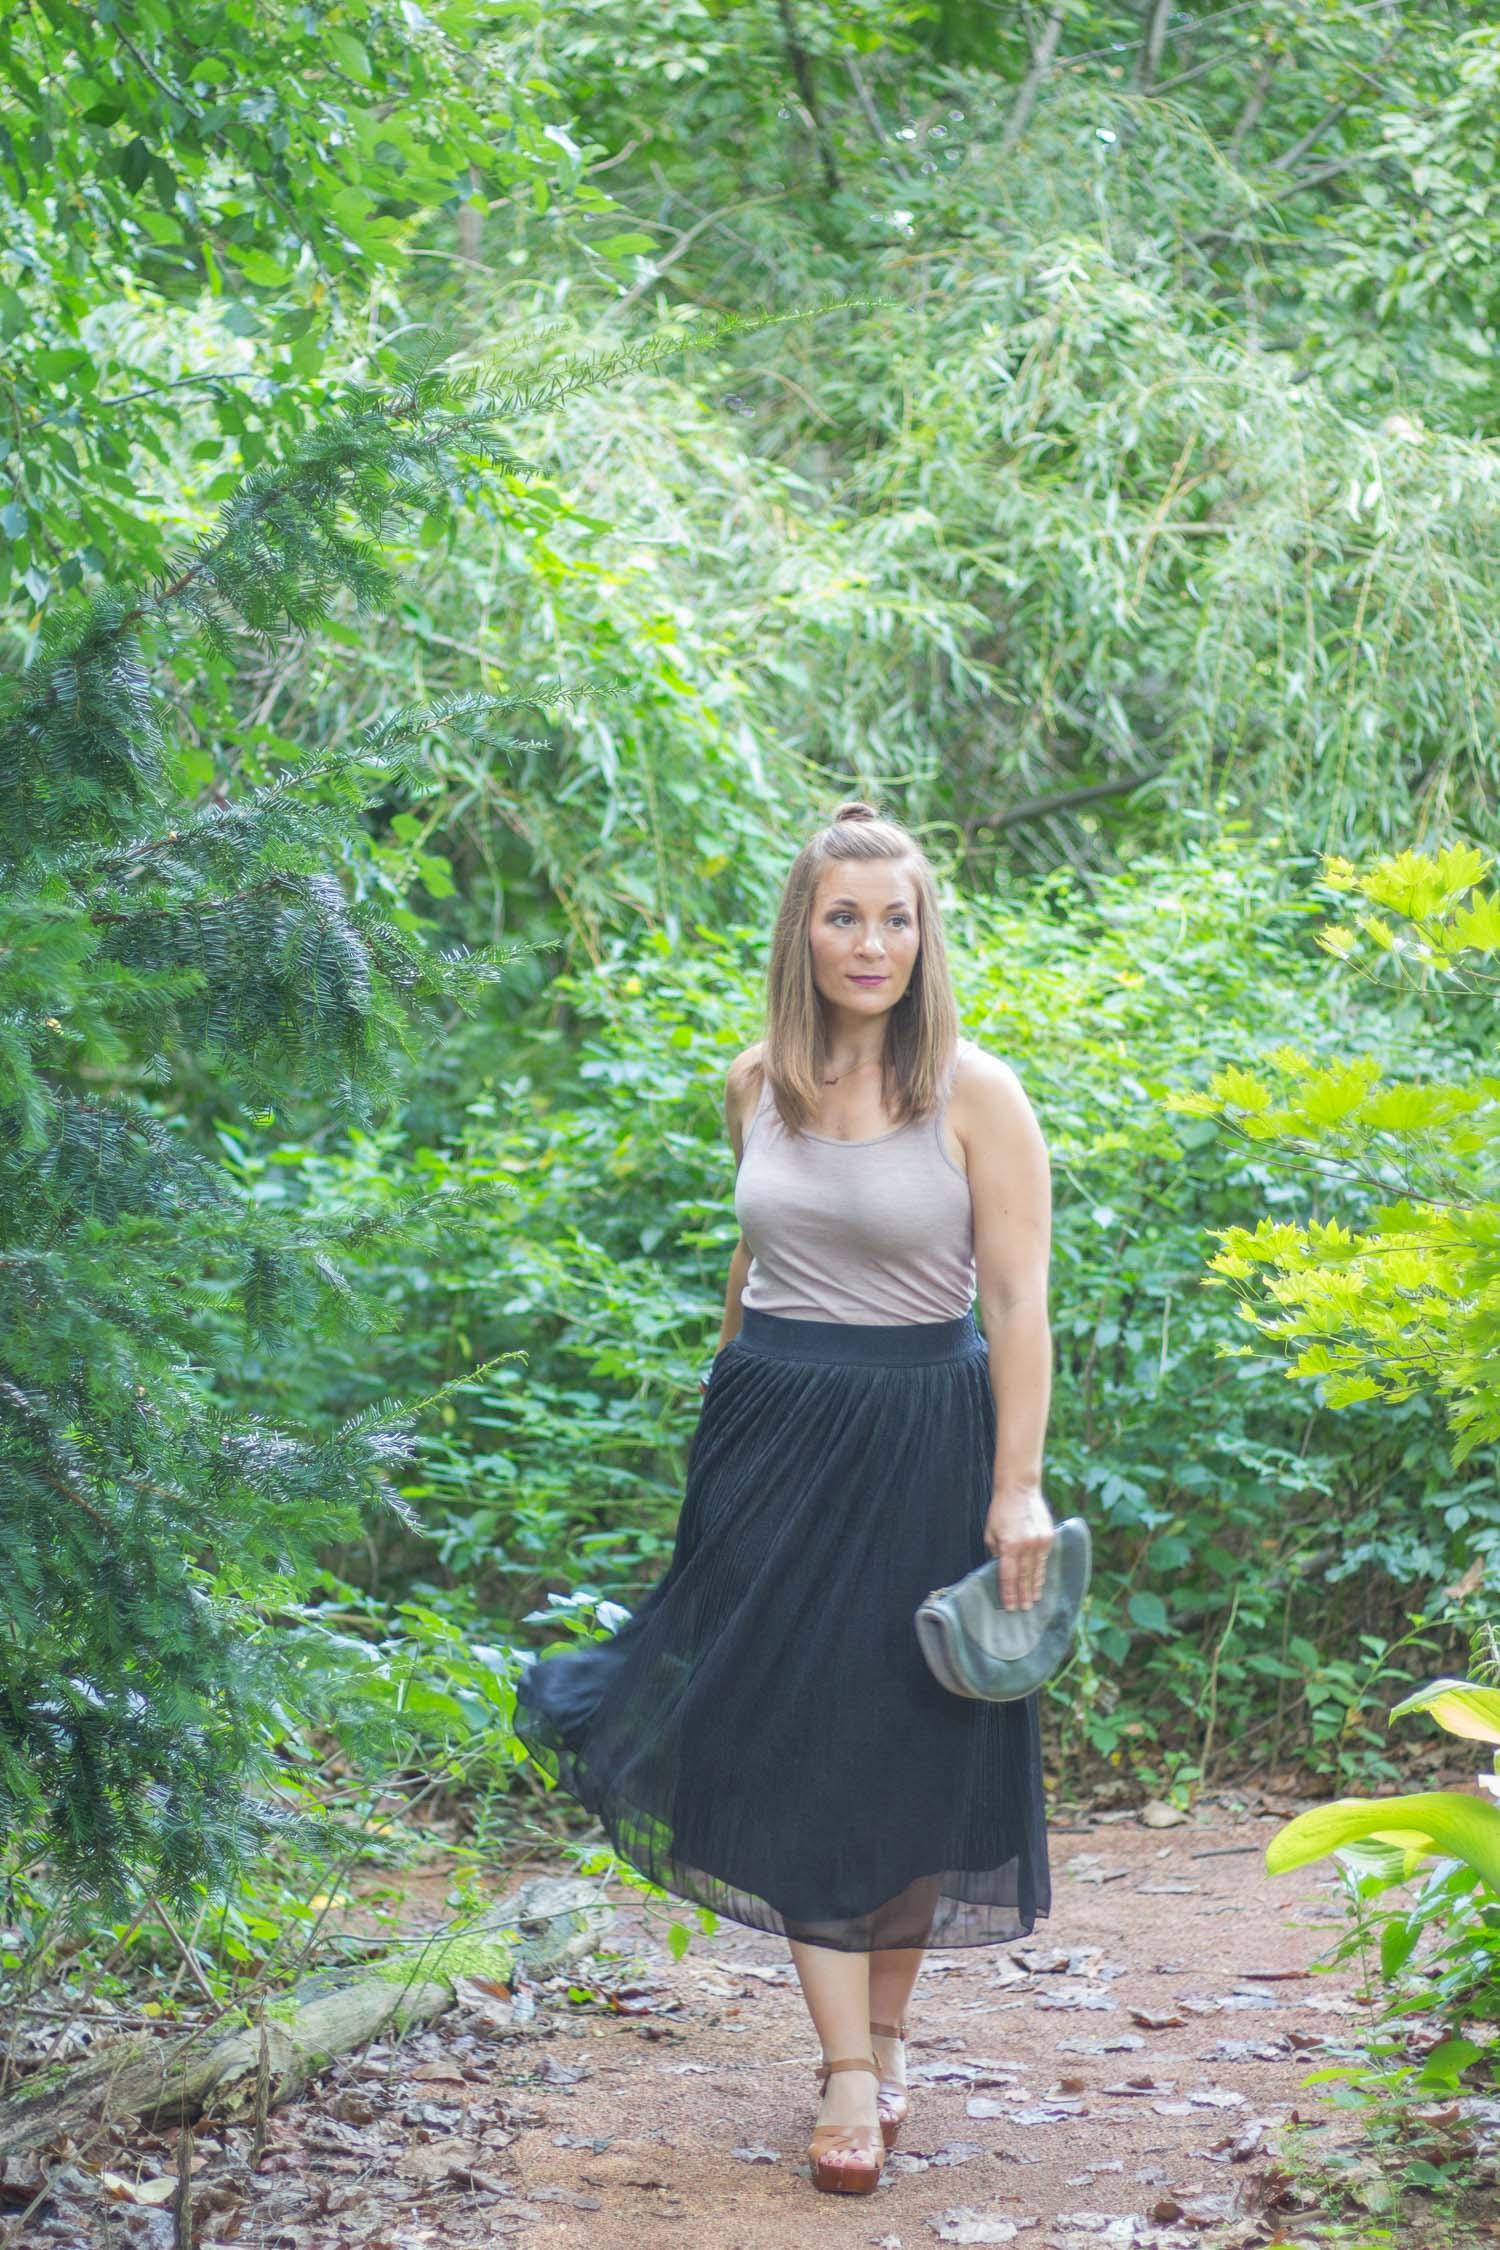 Black-Skirt-Outfit.jpg